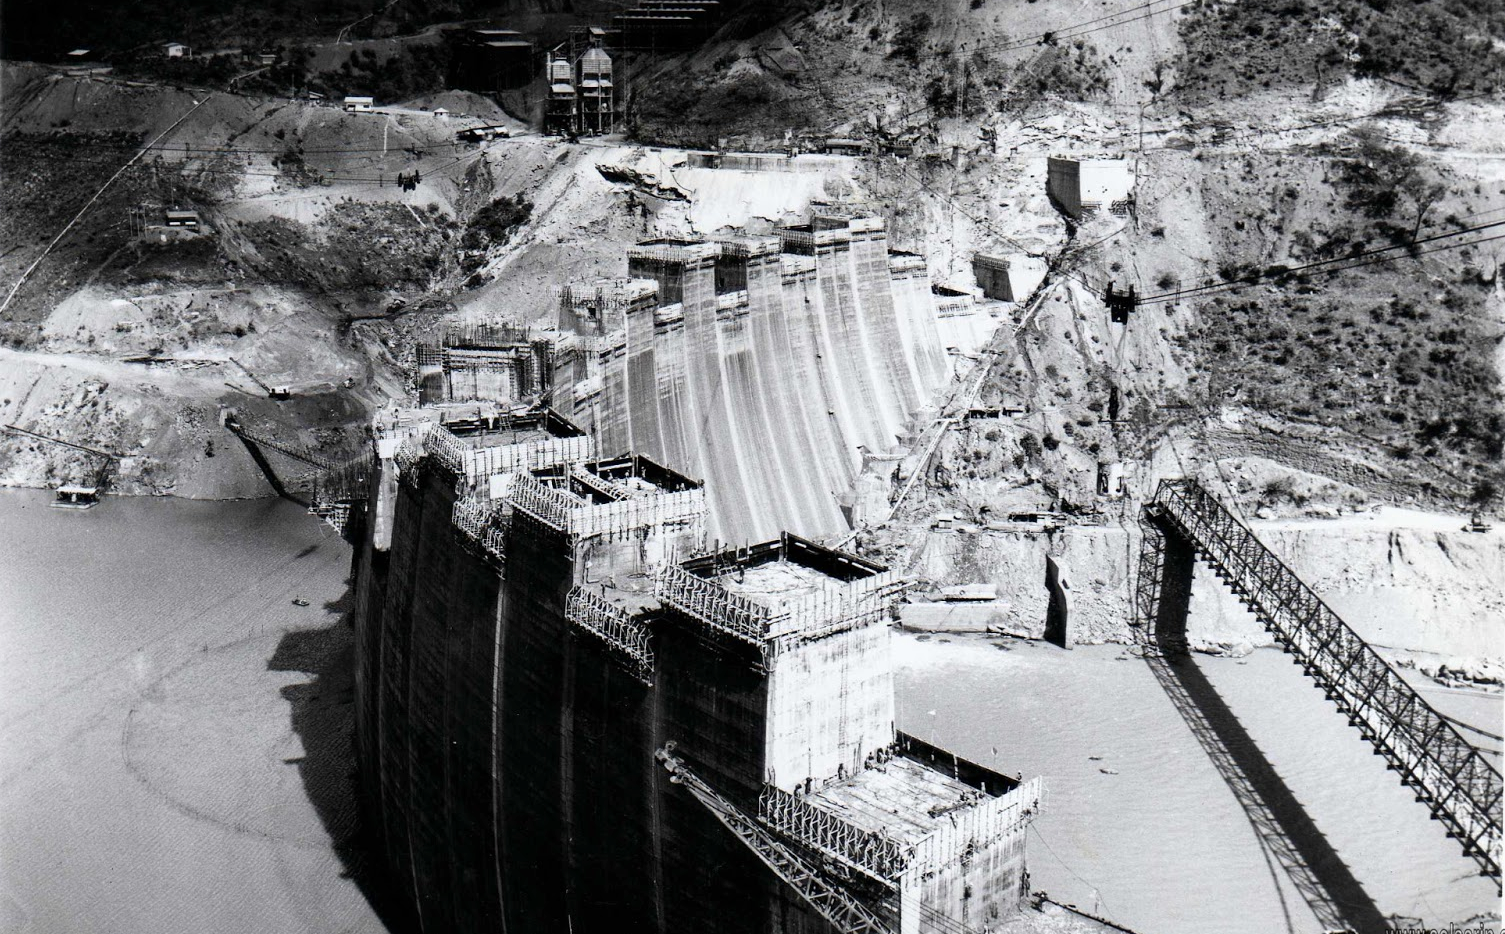 kariba dam built